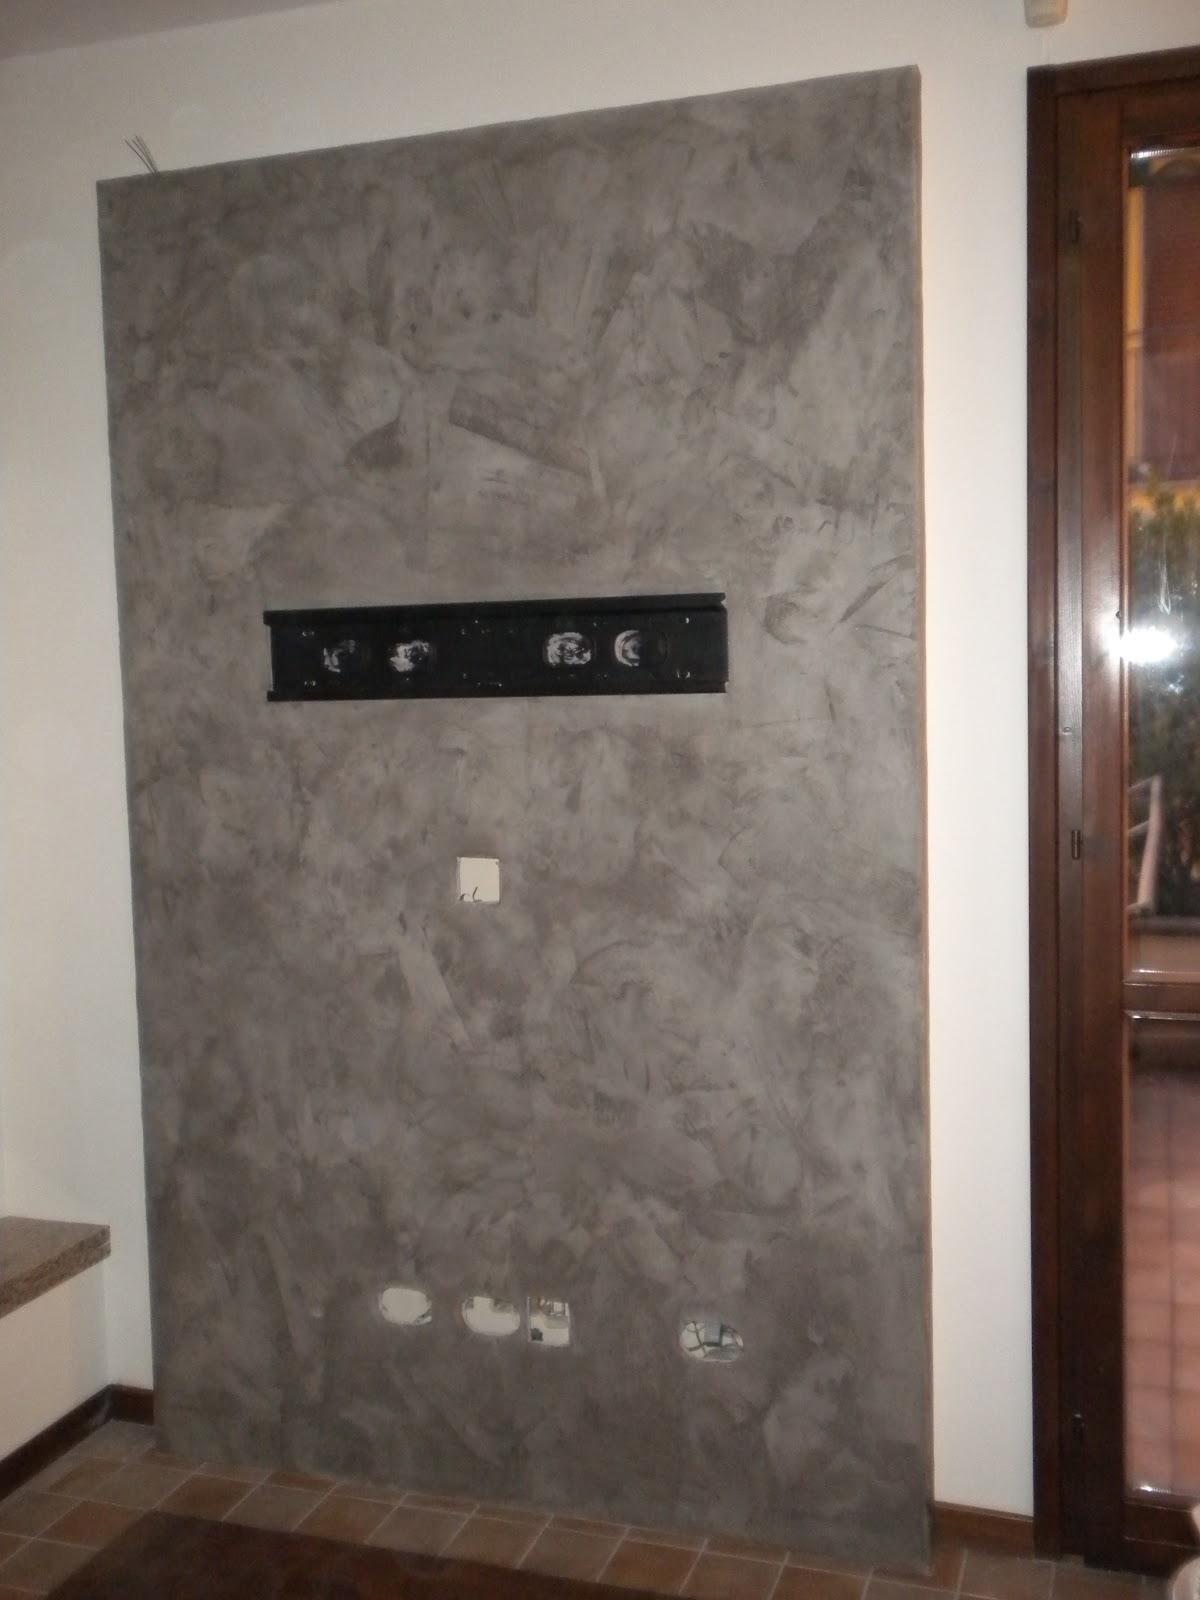 ... materica effetto cemento,eseguito su parete in cartongesso